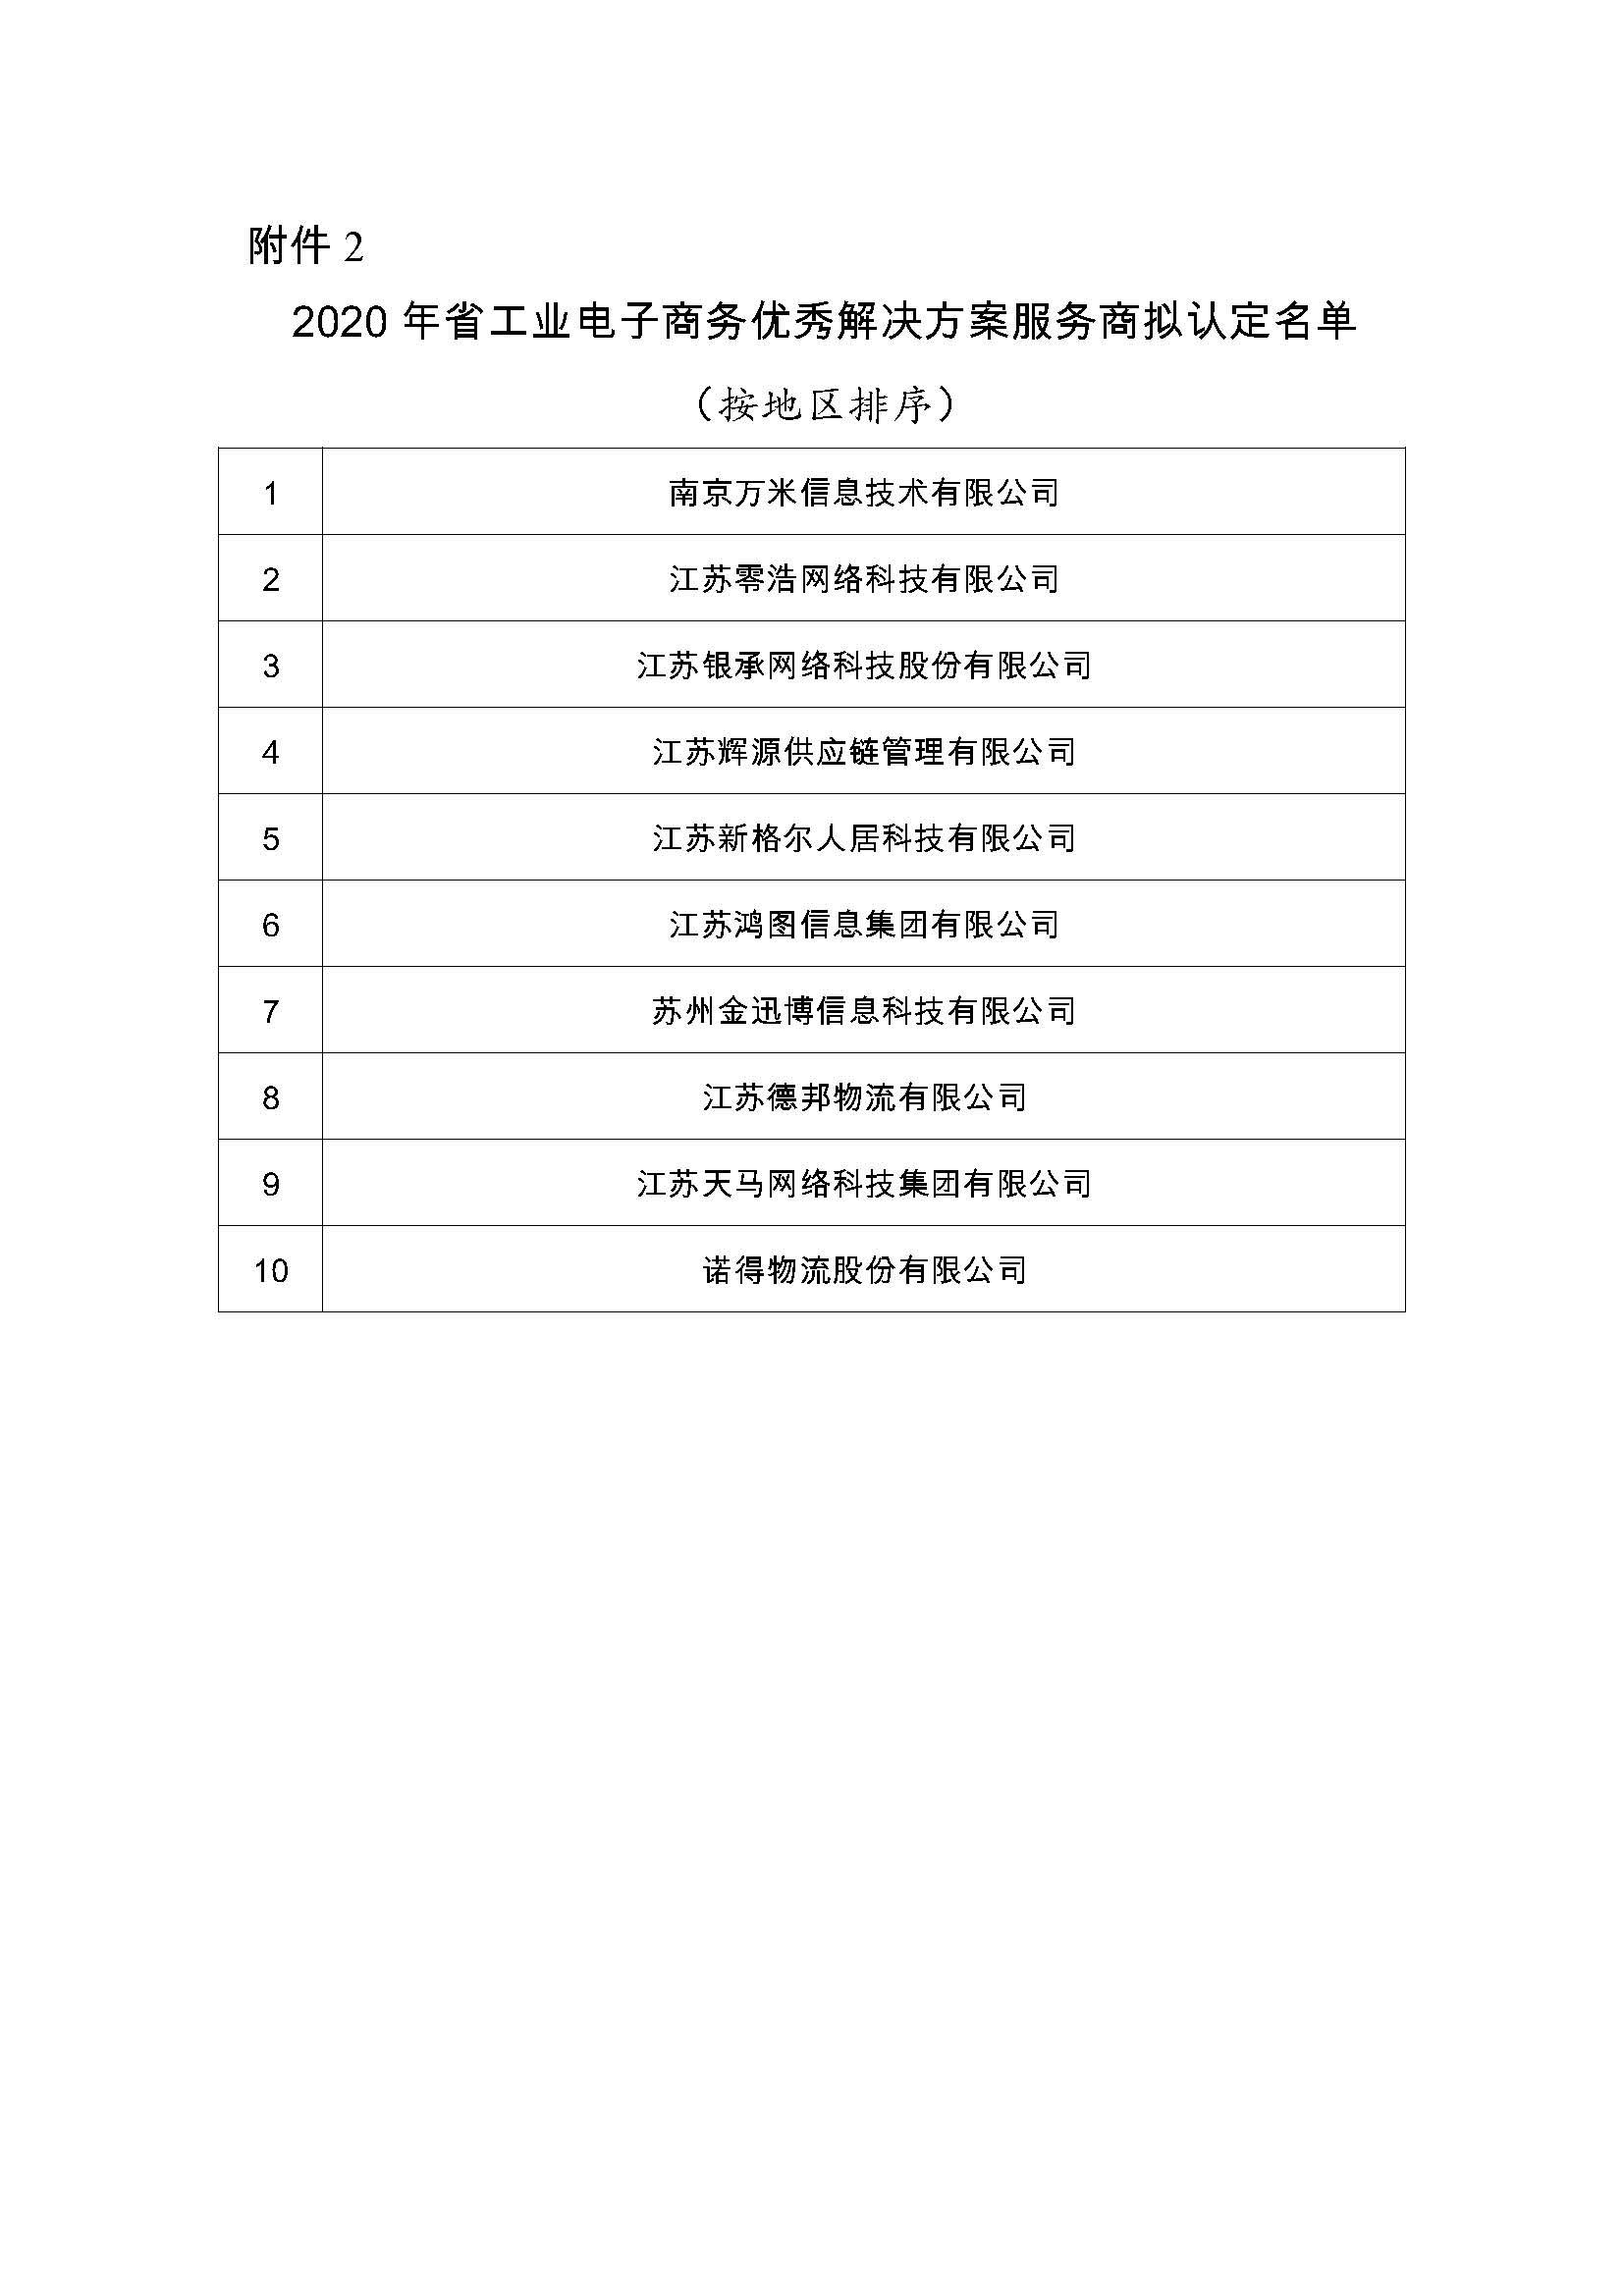 附件2:2020年省工业电子商务优秀解决方案服务商拟认定名单.jpg